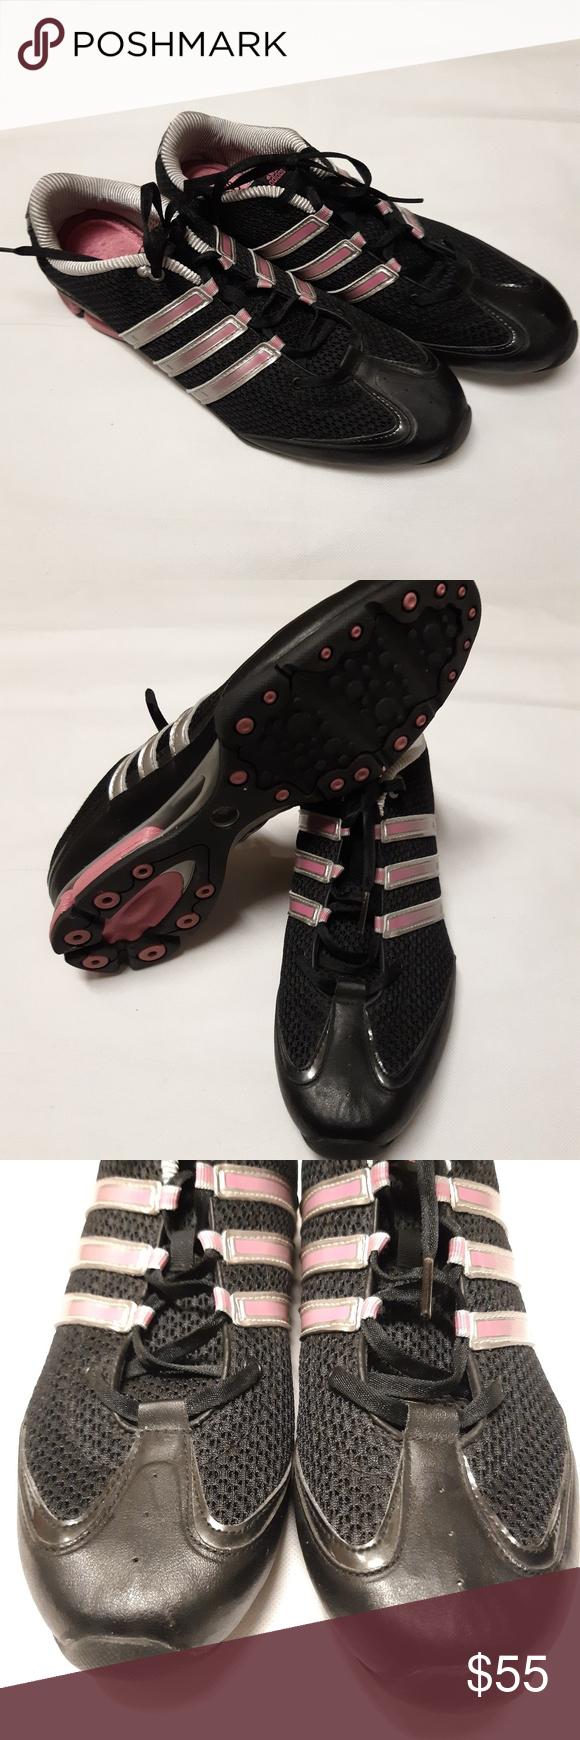 hivatalos üzlet részletes képek hivatalos oldal Adidas Running Shoes Adidas running shoes, black with hot pink and ...